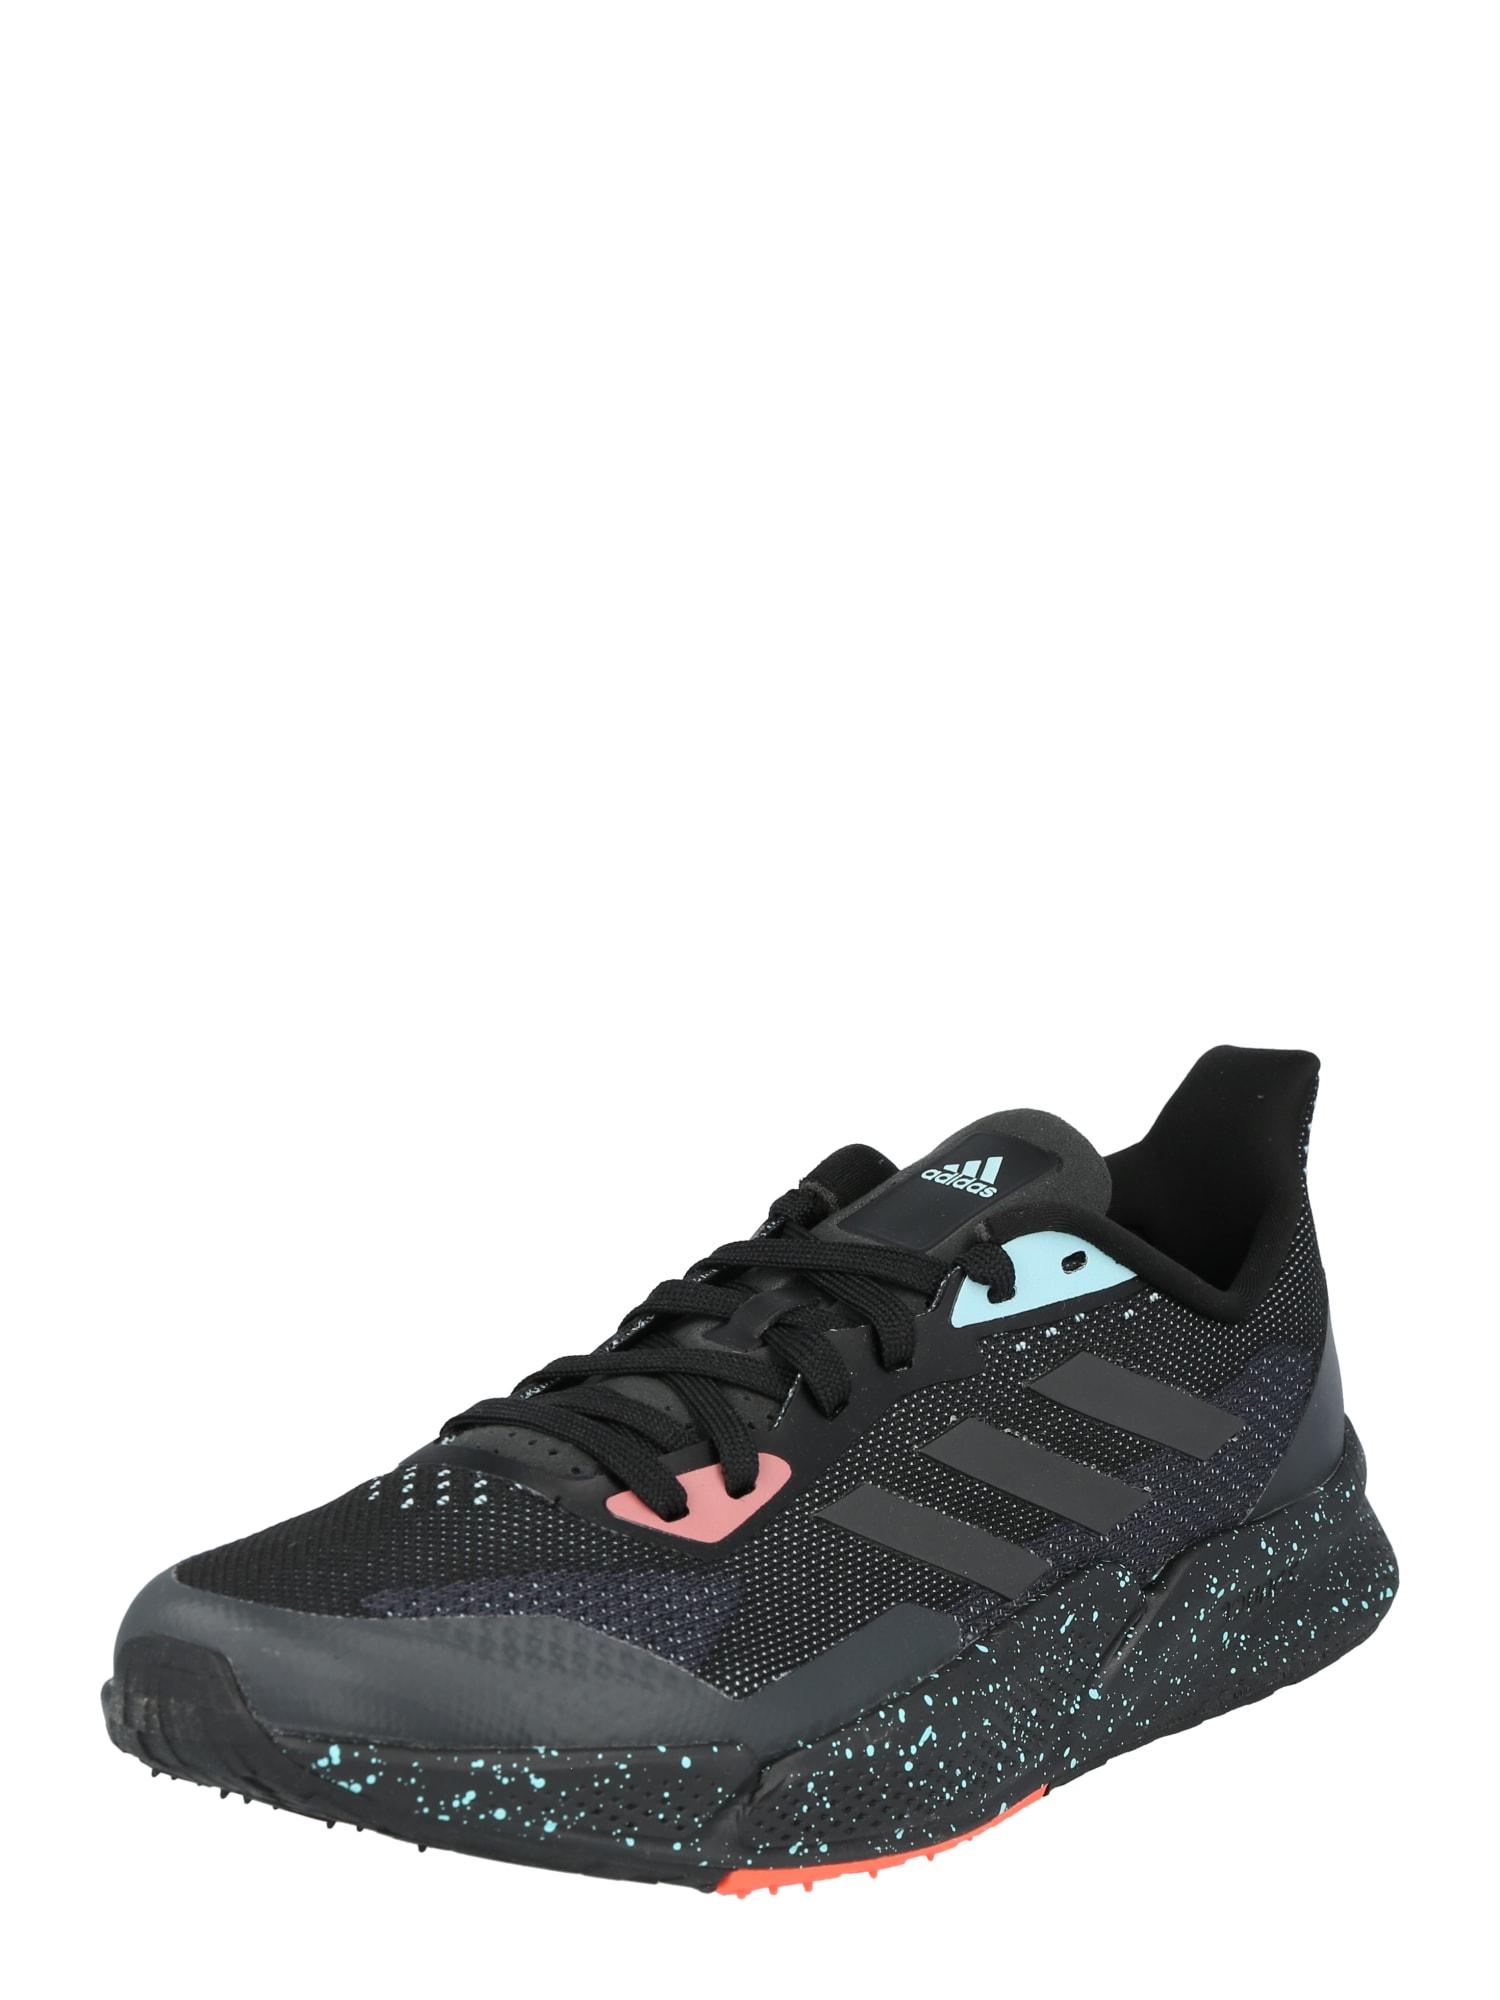 ADIDAS PERFORMANCE Bėgimo batai juoda / šviesiai mėlyna / ryškiai rožinė spalva